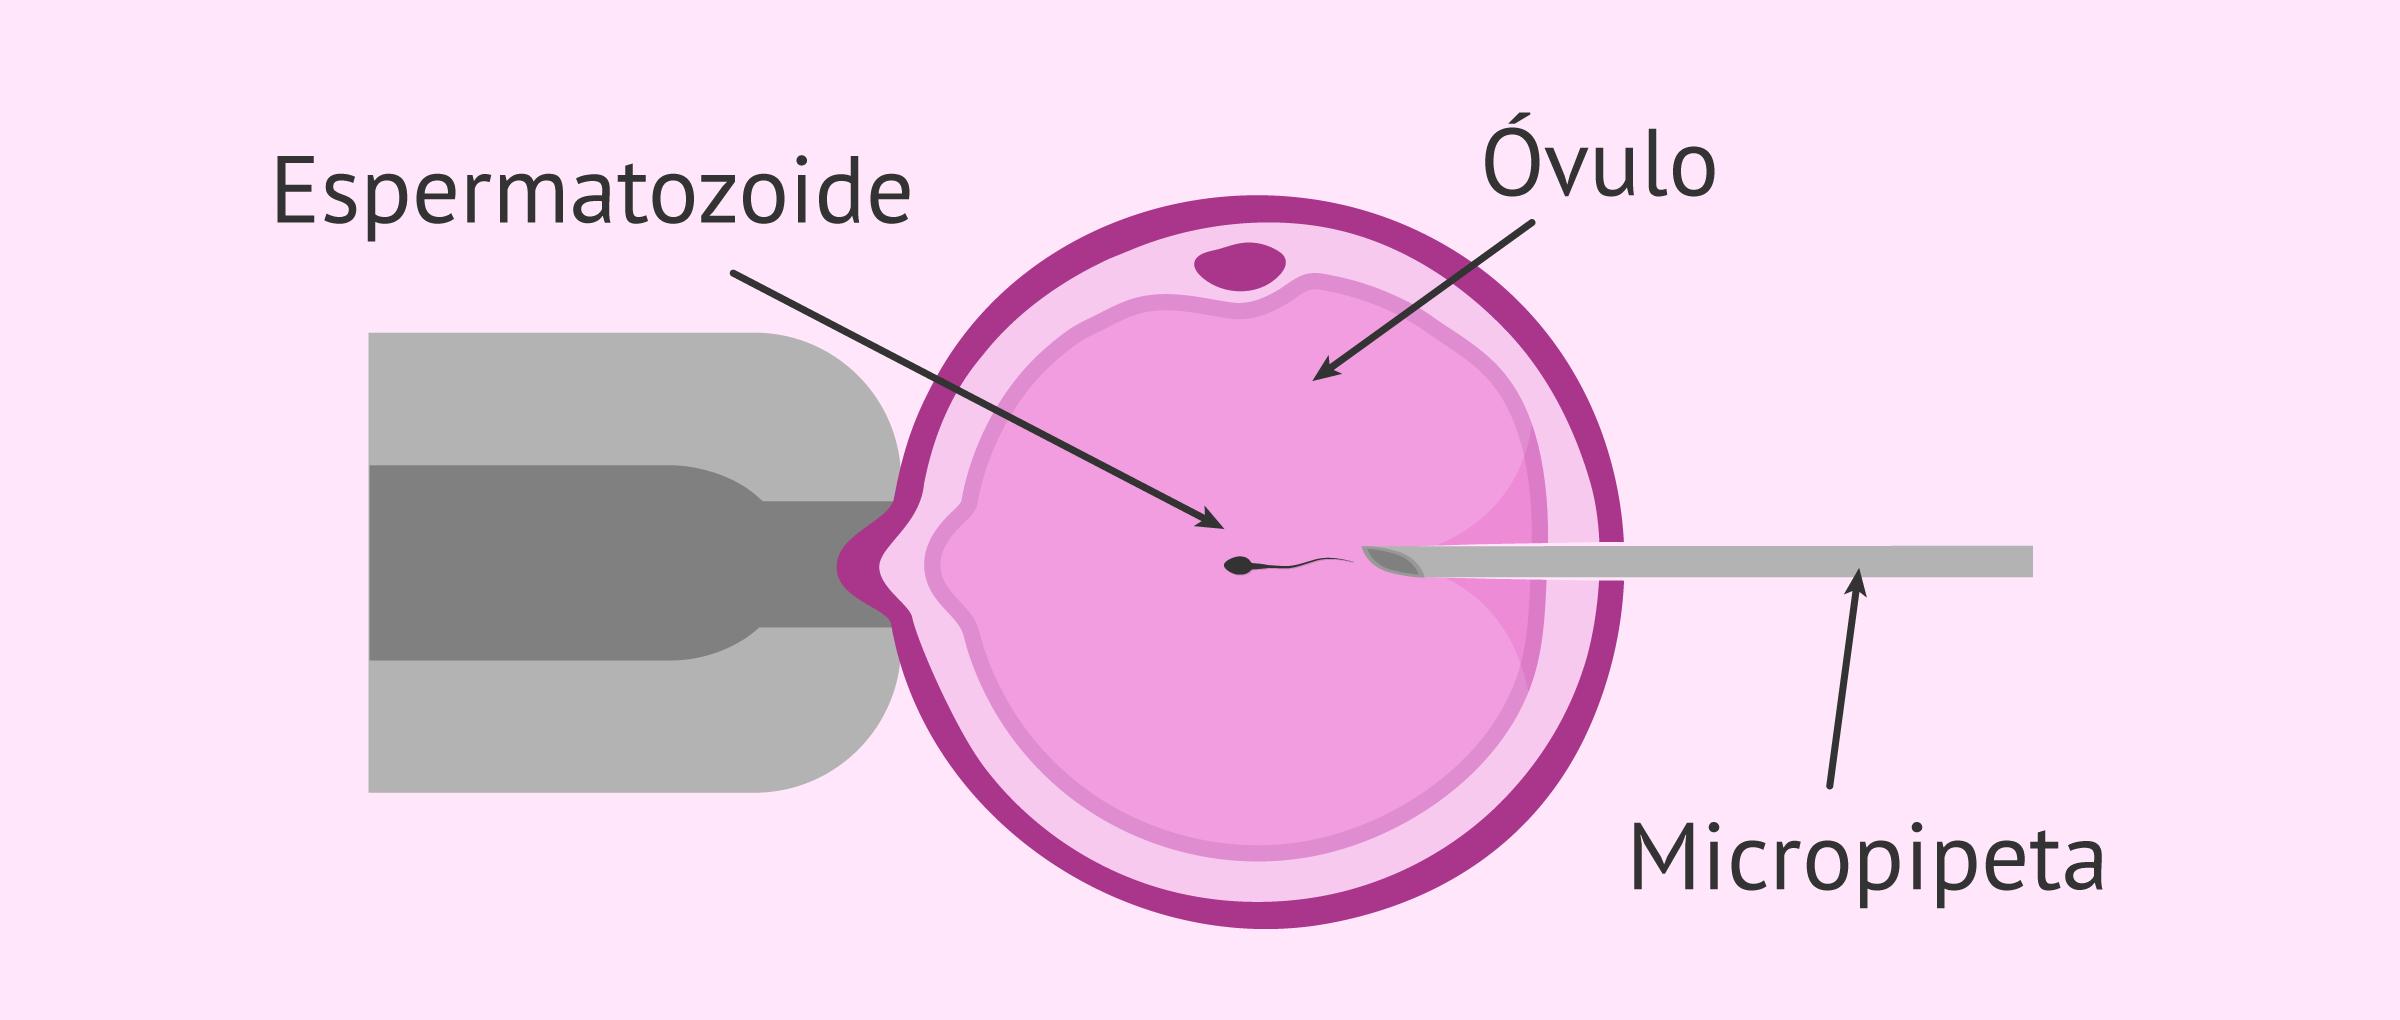 Inyección intracitoplásmica de espermatozoides (ICSI)